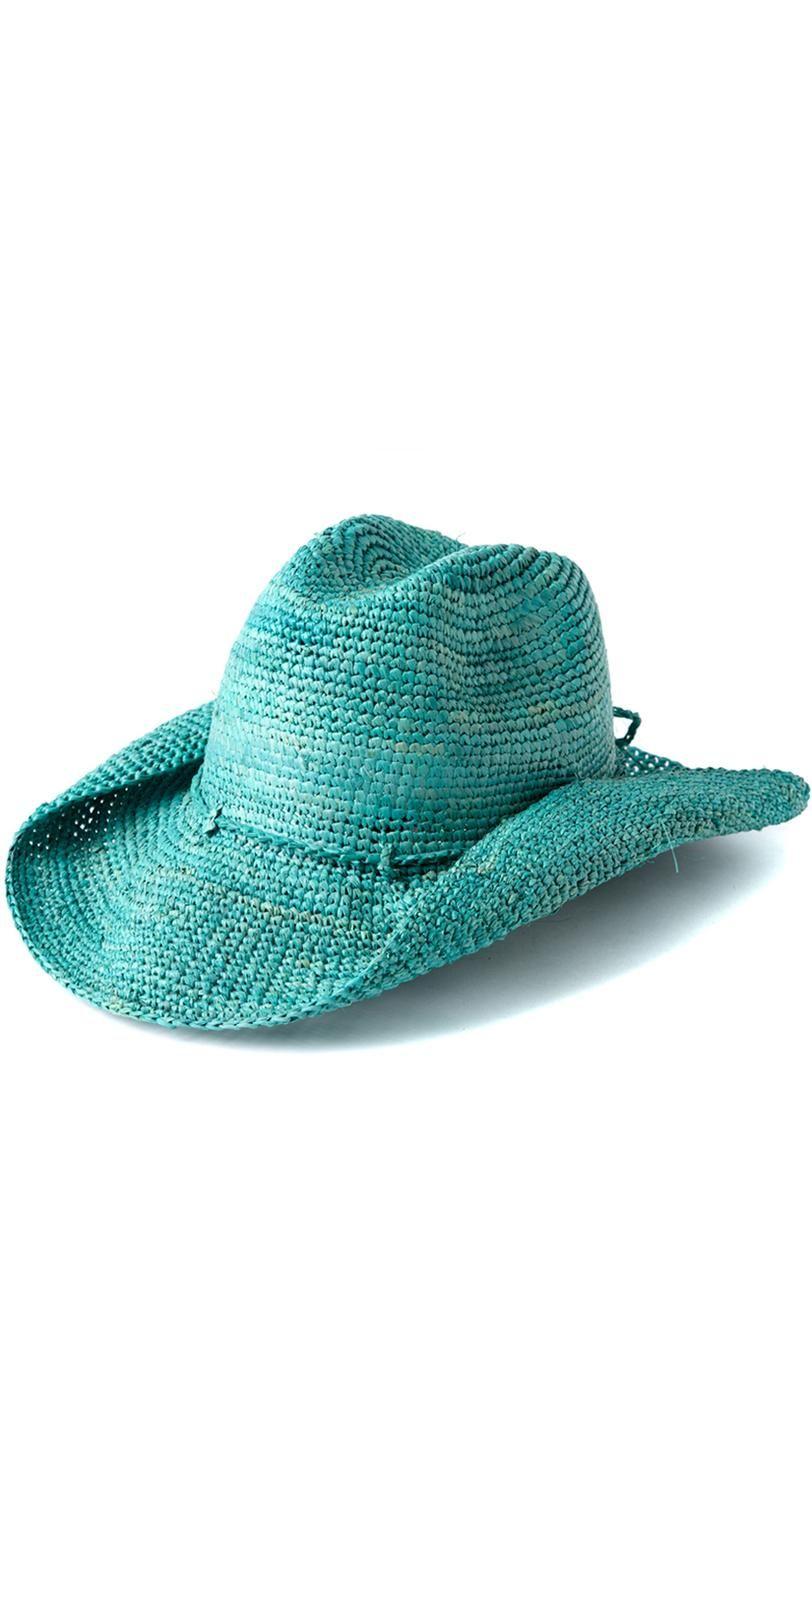 Mar Y Sol Rose Aqua Cowboy Hat #MarY #Aqua #Rose #Cowboy #Hat ...